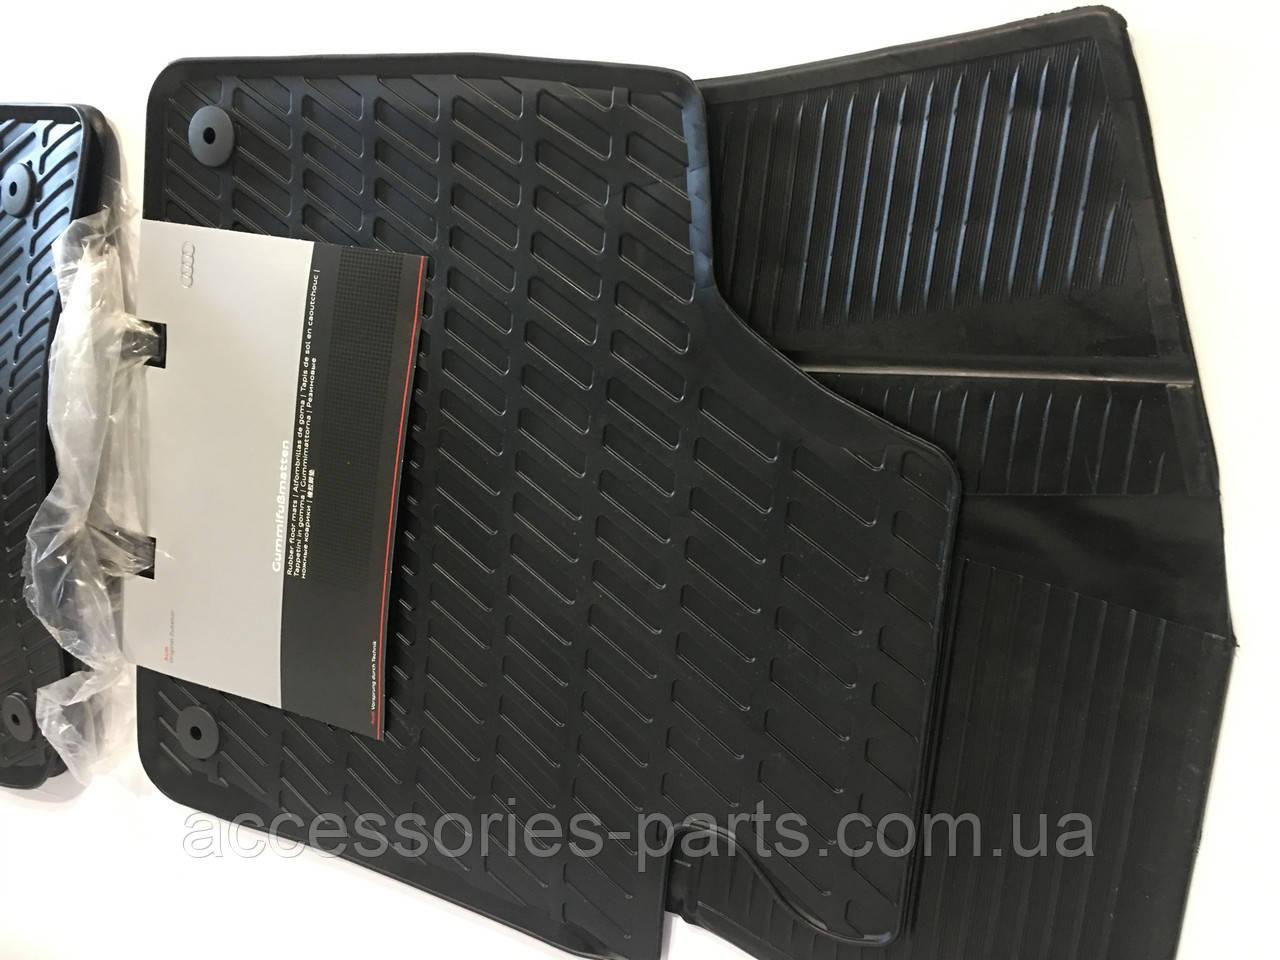 Коврики в салон резиновые Audi A3 04-2013 Новые Оригинальные